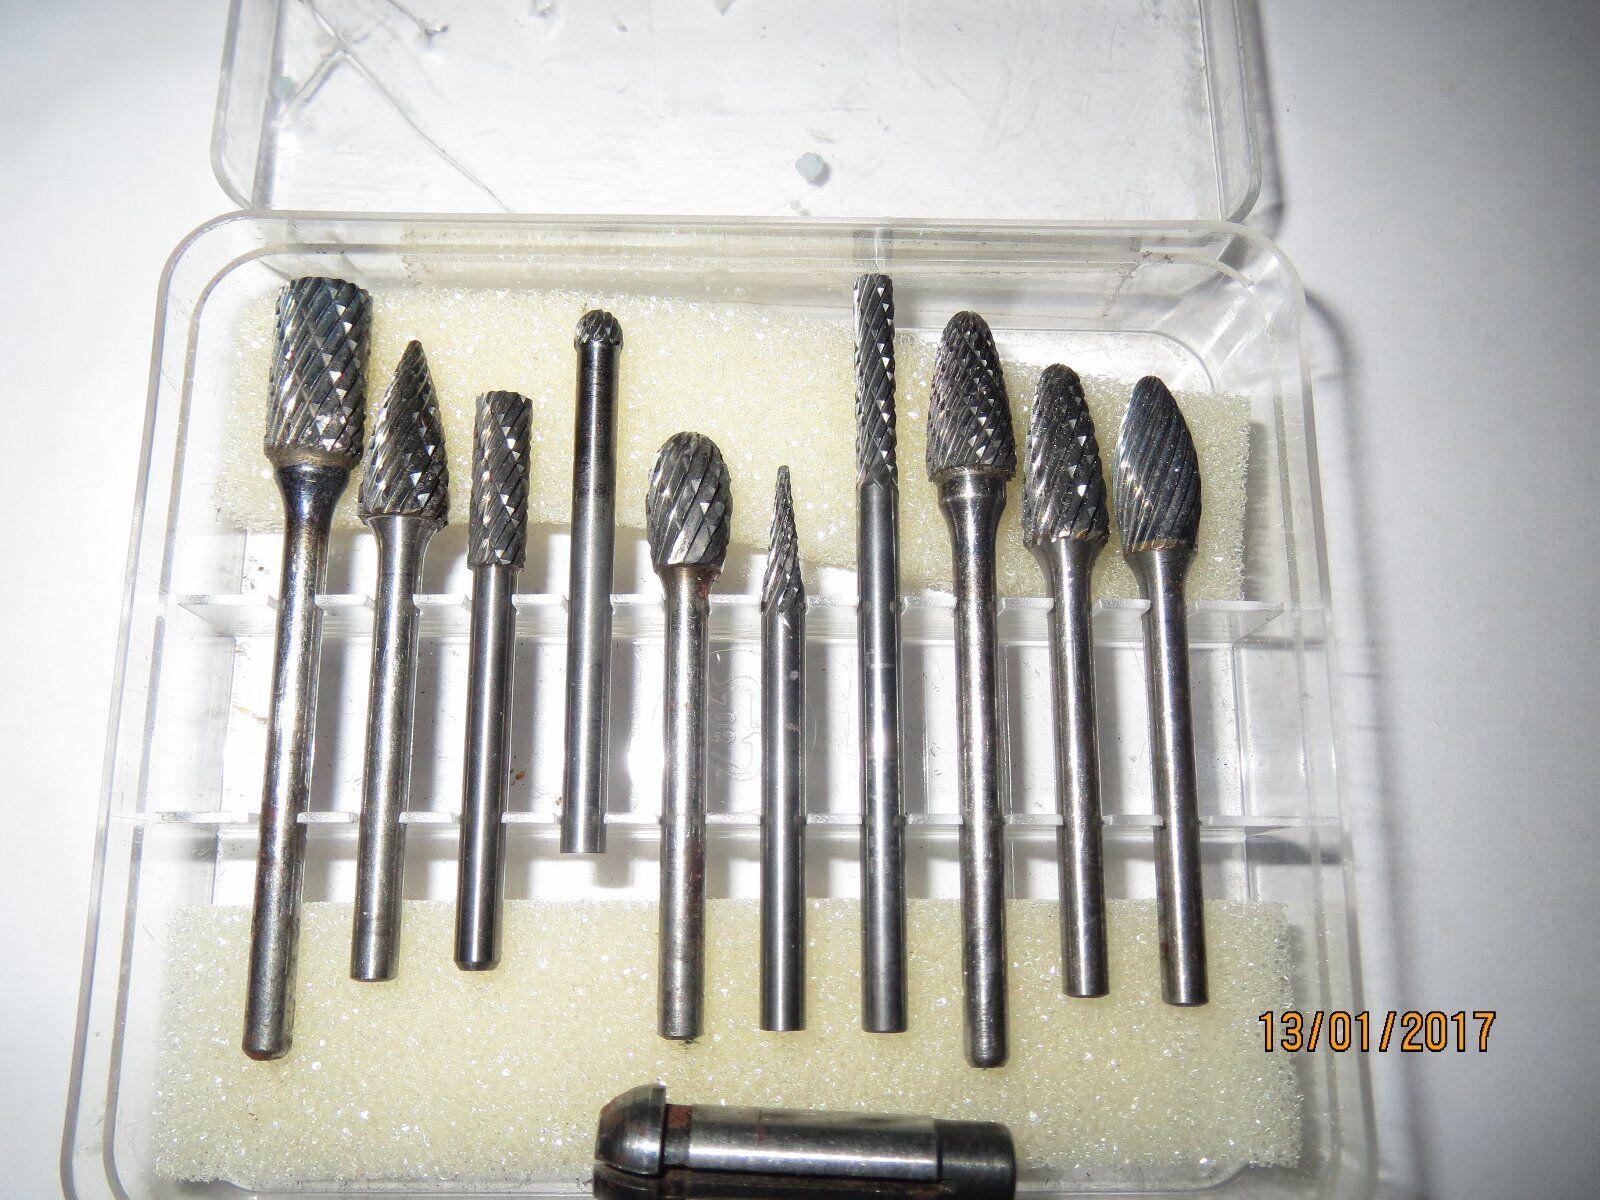 10 Hartmetall Frässtifte mit 3mm Schaft und 3mm roturzierhülse